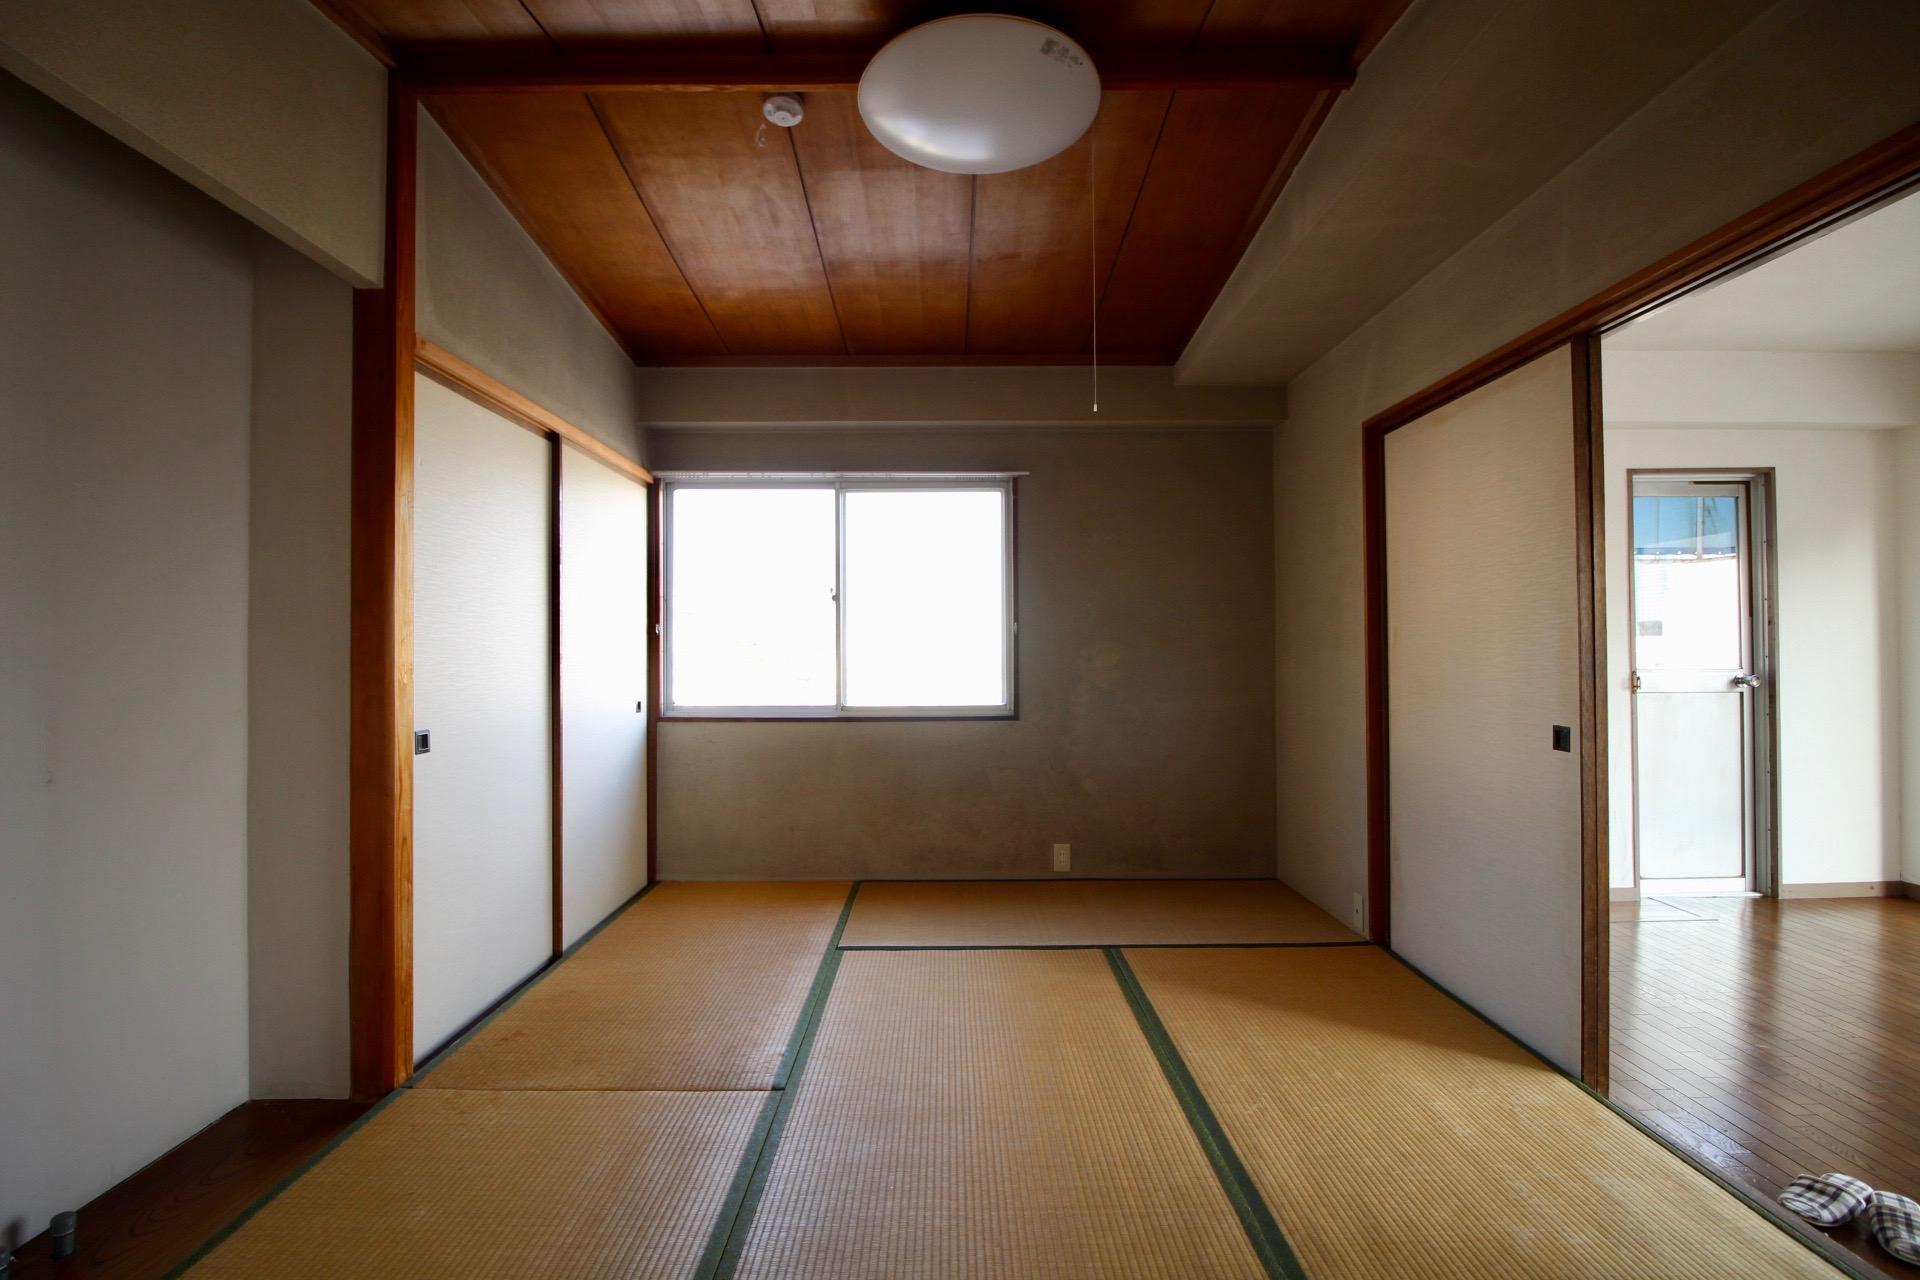 勾配の木天井に土壁のしっかりとした設えの和室